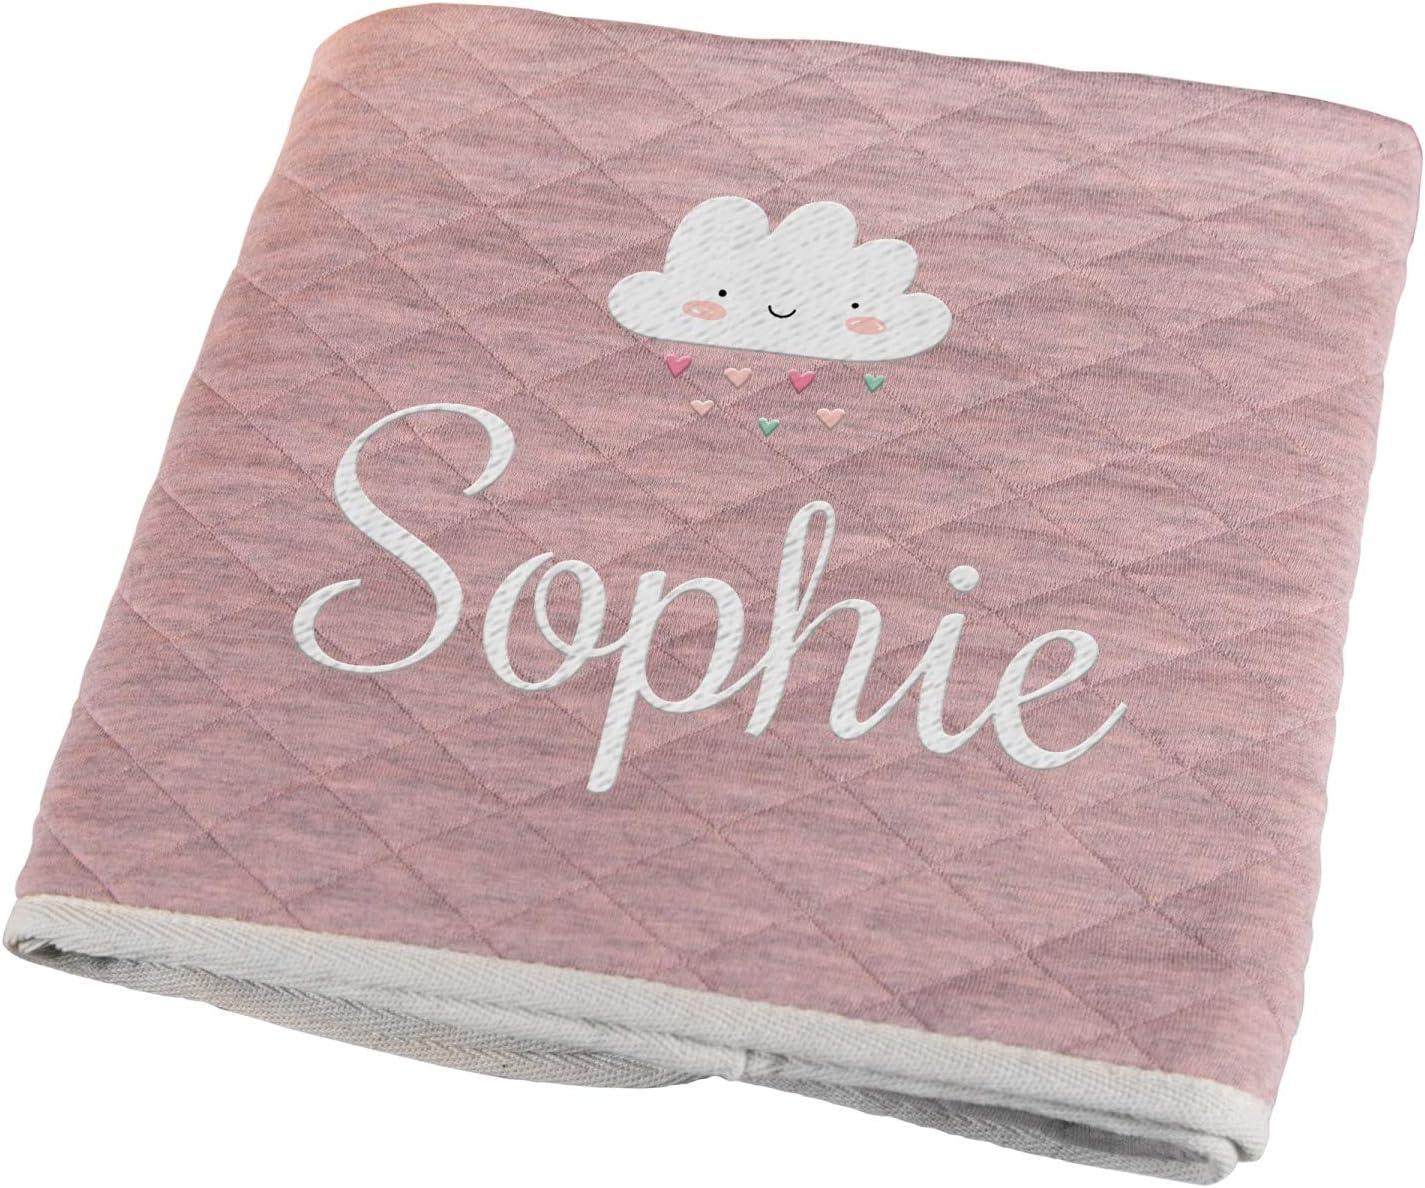 Personello® Manta bebe recien nacido rosa, personalizada con nombre y fecha (nube) | Regalos originales para bebes | nacimiento | bautismo